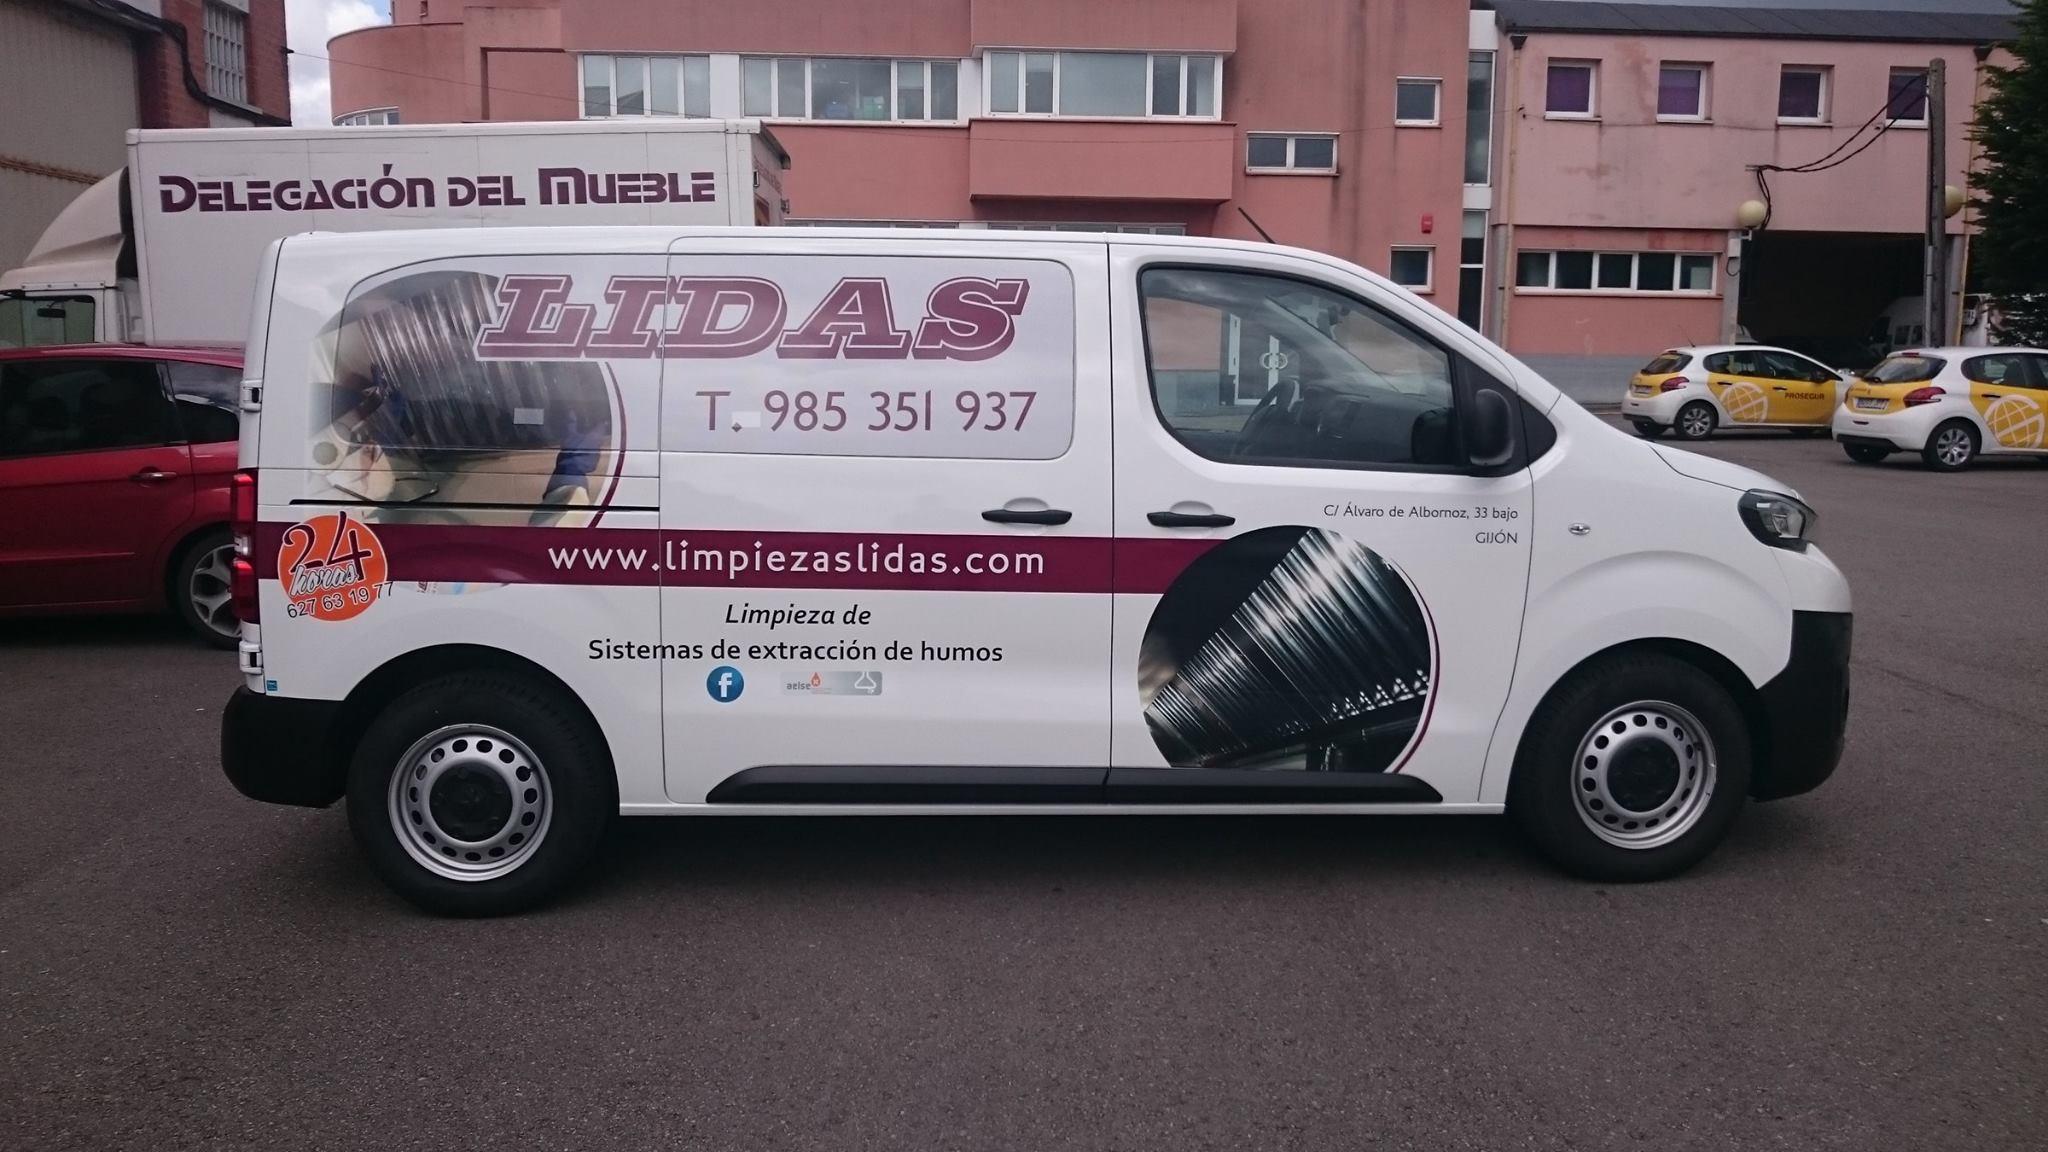 Rotulaci N De Nuestros Veh Culos Limpiezas Lidas # Muebles Para Vehiculos Industriales